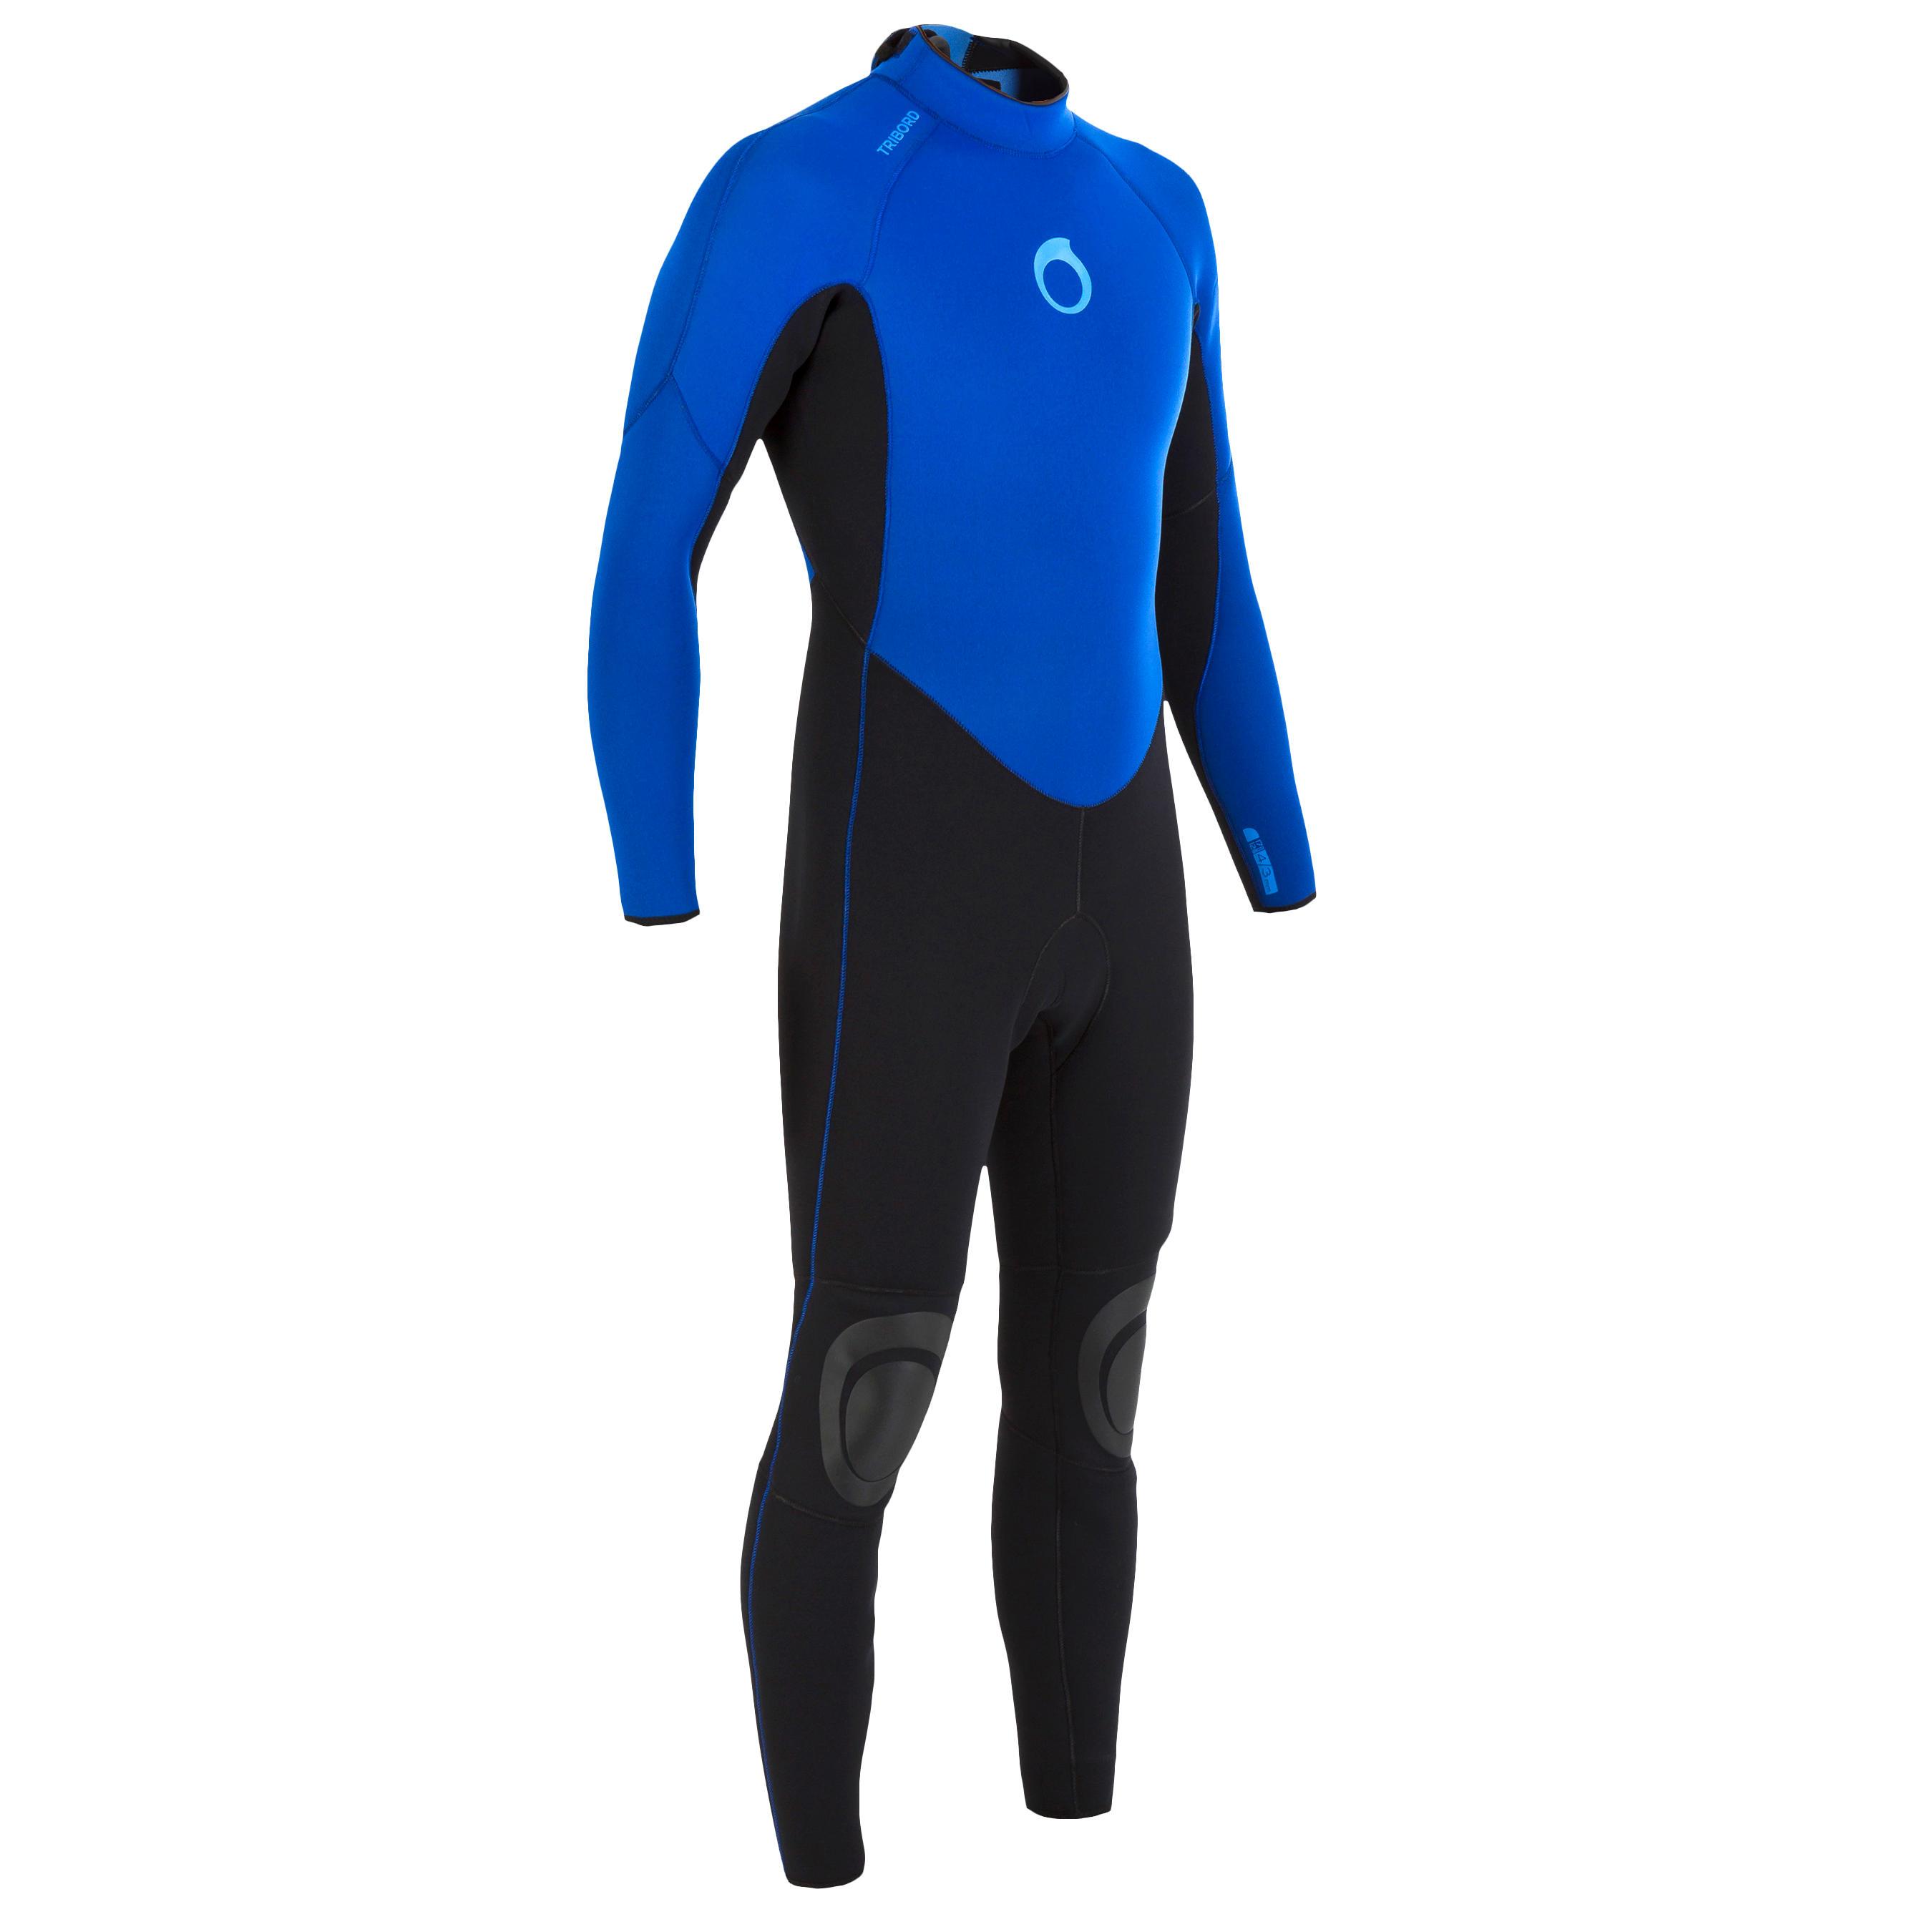 100 Men's 4/3 mm Neoprene Surfing Wetsuit